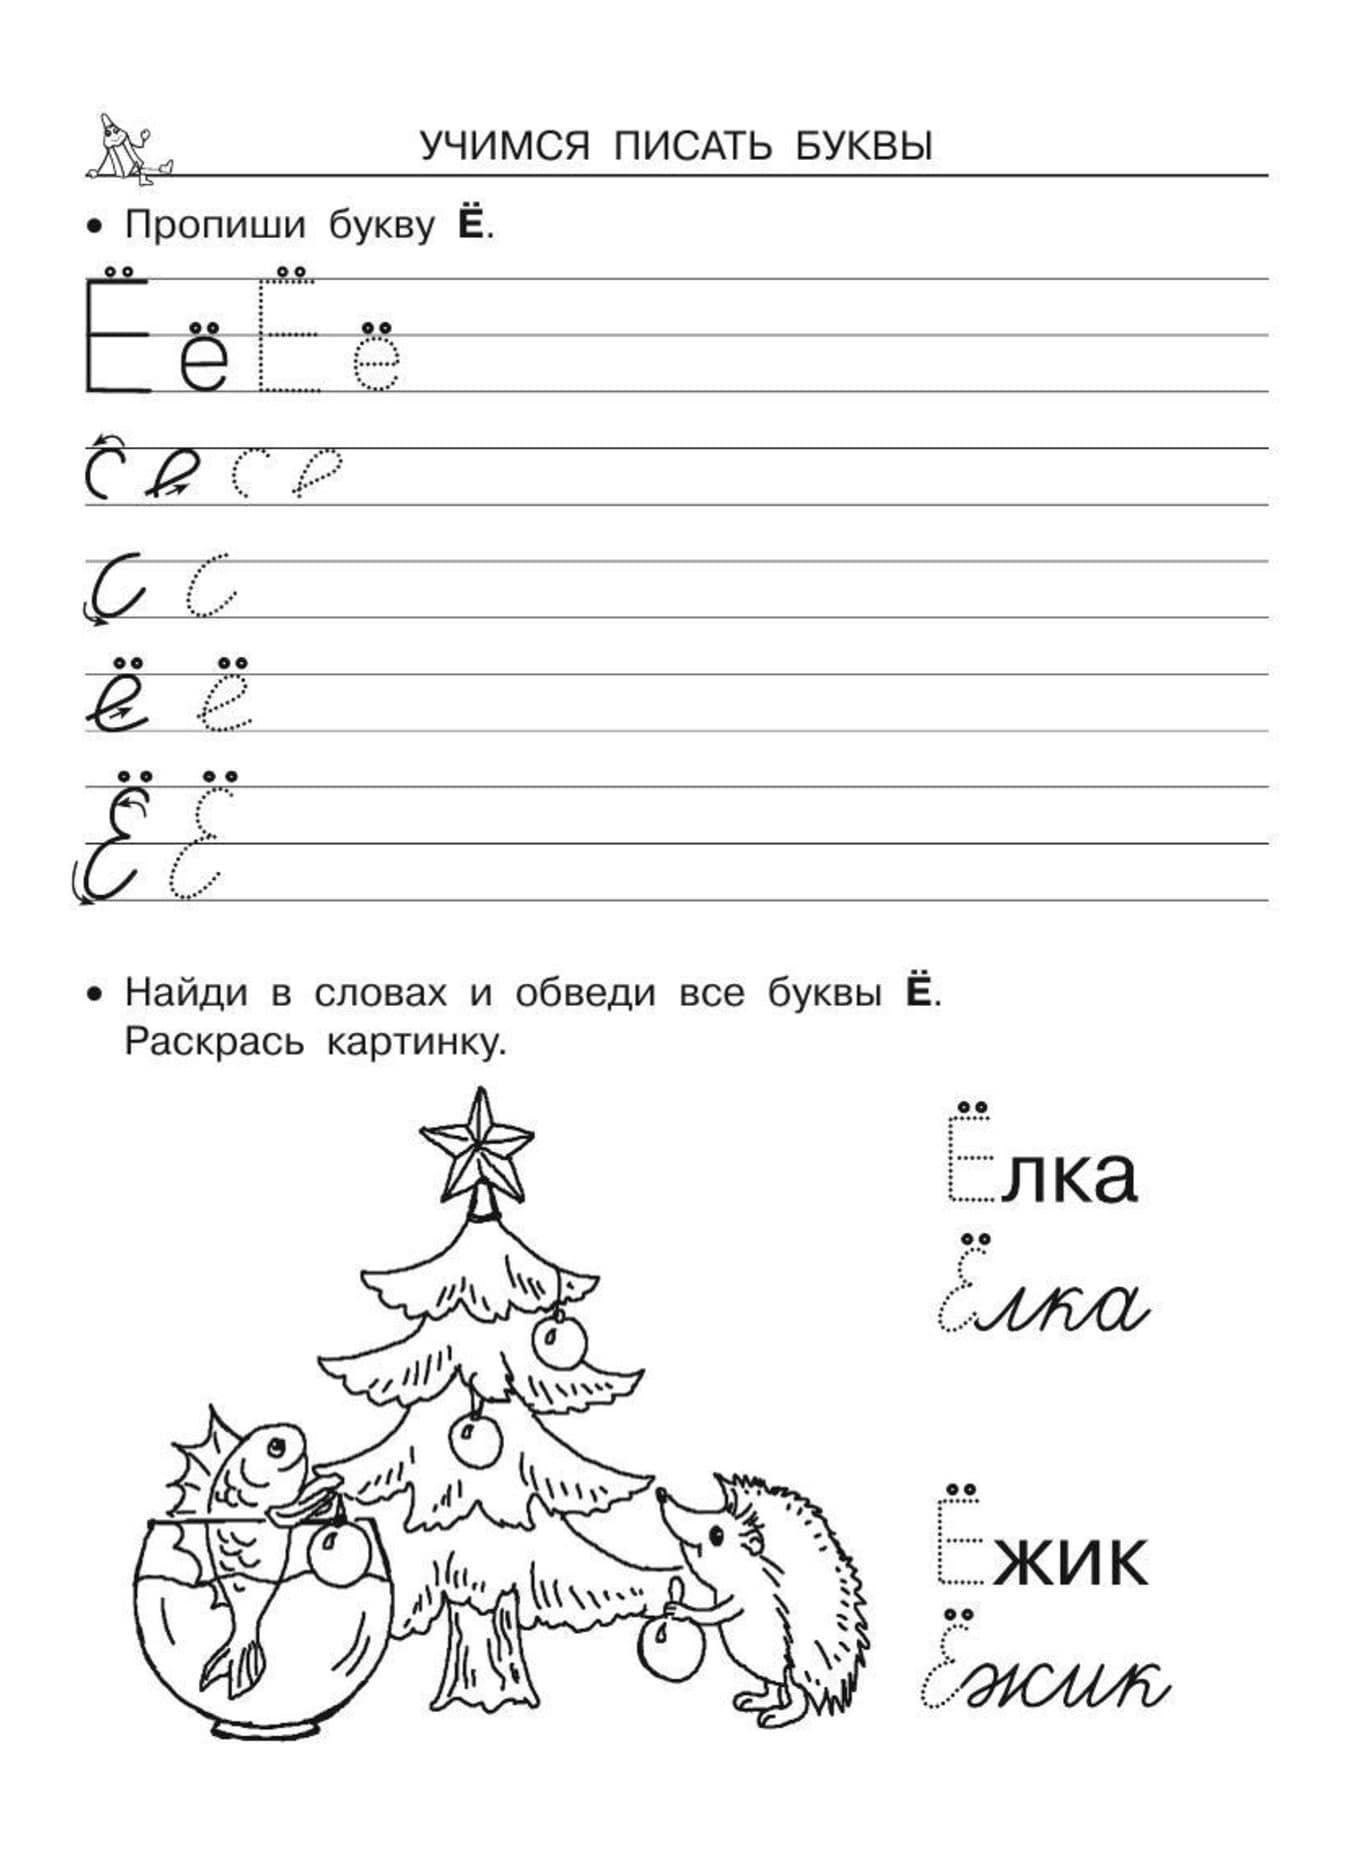 Zadaniya Dlya Podgotovki Detej K Shkole Analogij Net In 2020 Math Smr Sheet Music